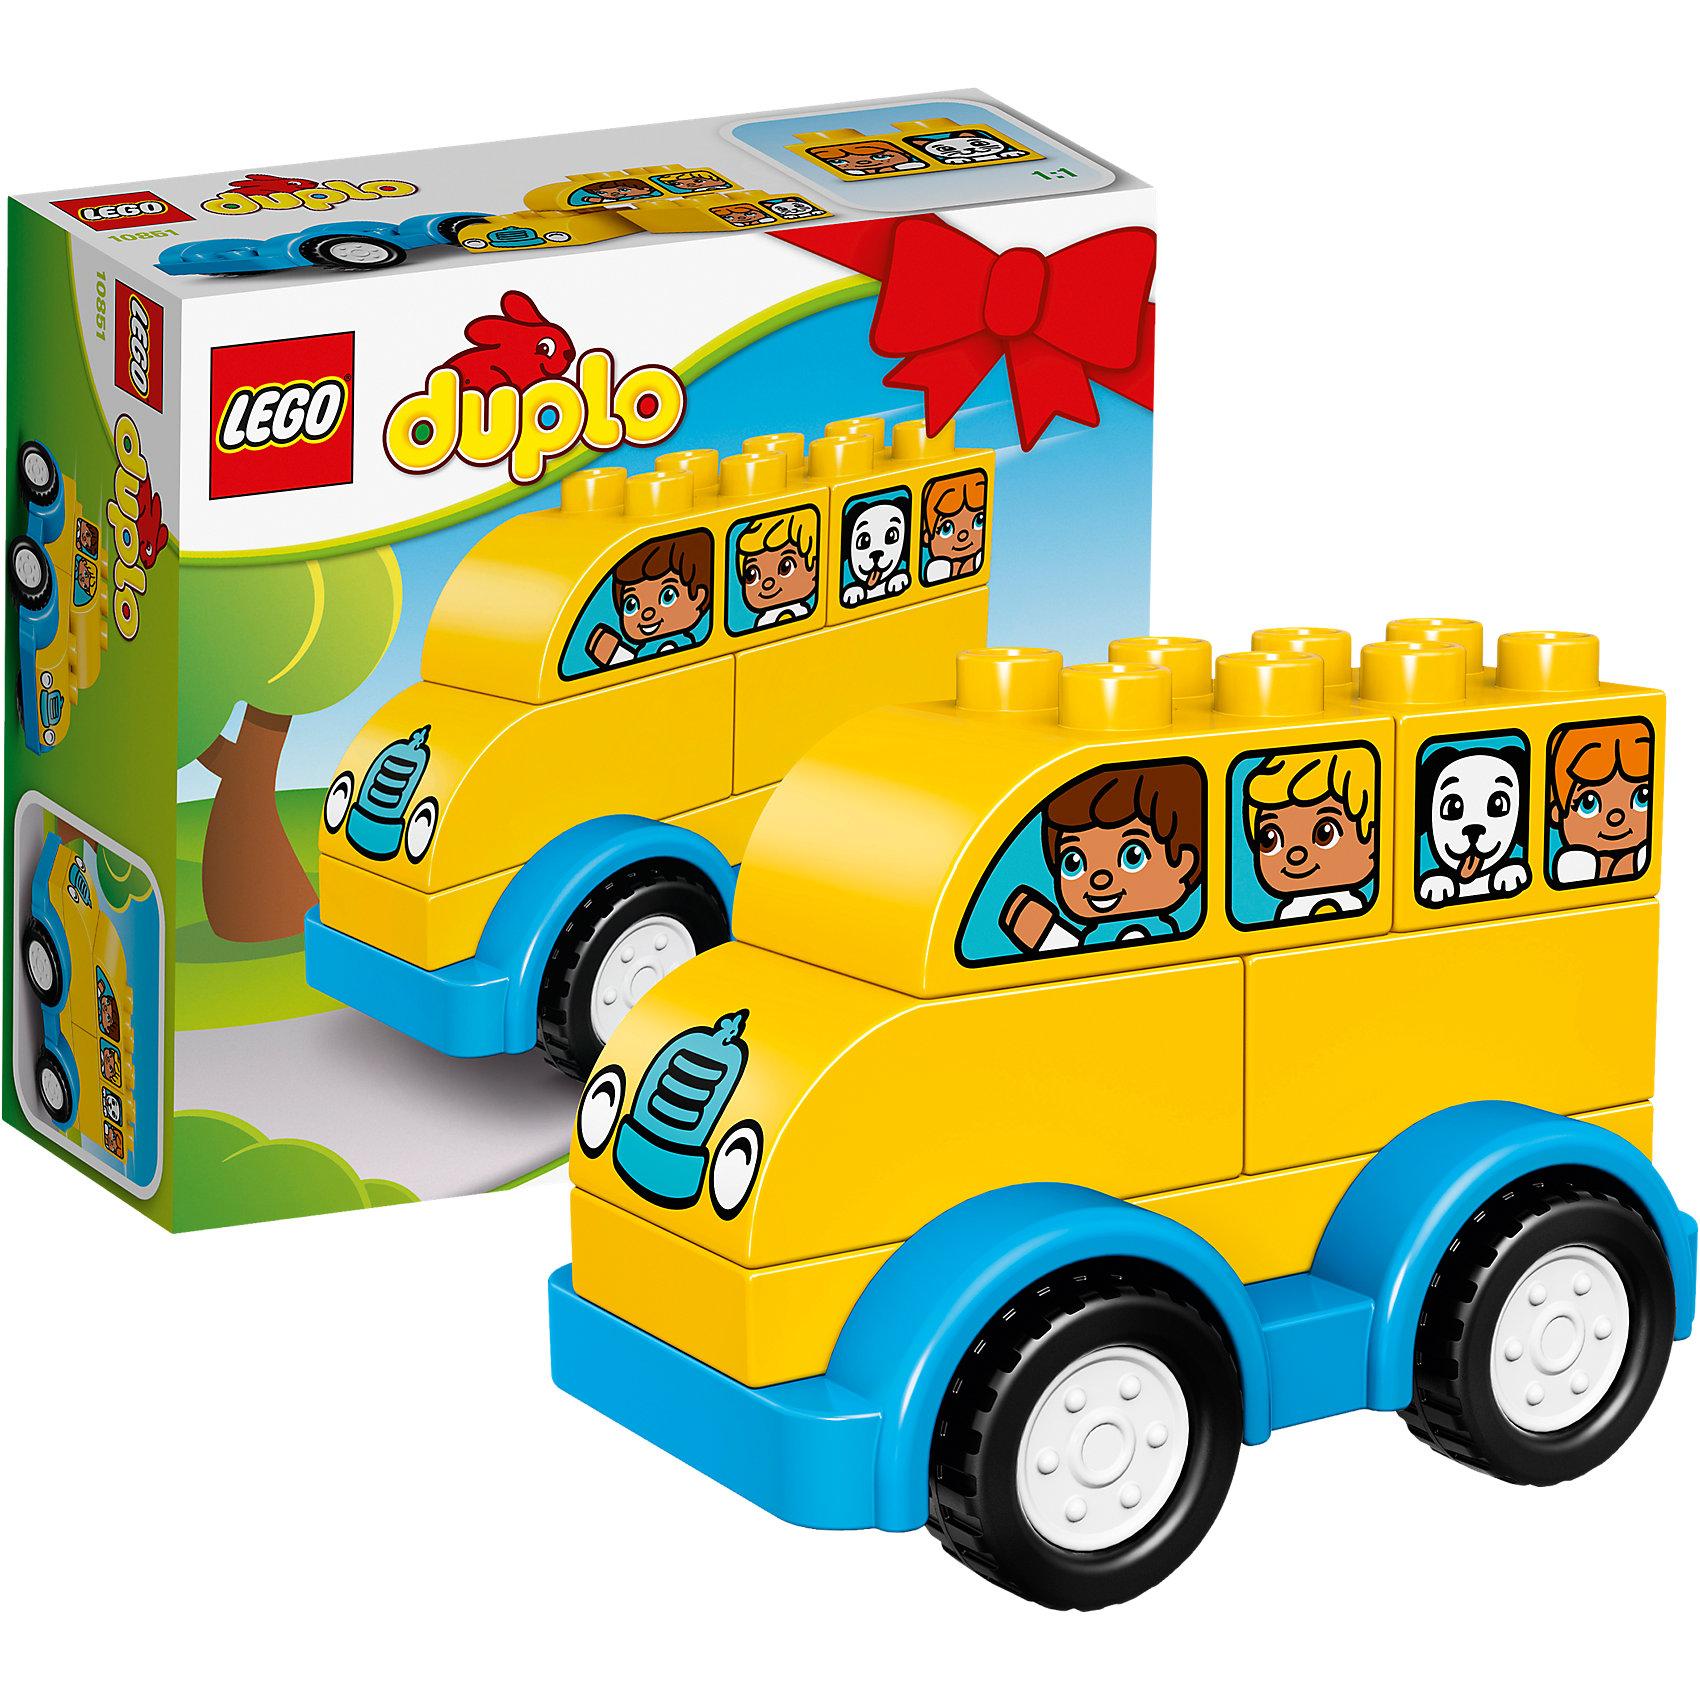 LEGO DUPLO 10851: Мой первый автобусПластмассовые конструкторы<br>LEGO DUPLO 10851: Мой первый автобус<br><br>Характеристики:<br><br>- в набор входит: детали автобуса, инструкция<br>- состав: пластик<br>- количество деталей: 6<br>- размер коробки: 15 * 1,5 * 6 см.<br>- для детей в возрасте: от 1,5 до 3 лет<br>- Страна производитель: Дания/Китай/Чехия/<br><br>Легендарный конструктор LEGO (ЛЕГО) представляет серию «DUPLO» (Д?пло) для самых маленьких. Крупные детали безопасны для малышей, а интересная тематика, возможность фантазировать, собирать из конструктора свои фигуры и играть в него приведут кроху в восторг! Этот небольшой набор сразу и игрушка и конструктор. Яркие и отлично детализированные детали выполнены из очень качественного пластика. Ребенок сможет собирать их них желтый автобус с детишками и котенком и щенком. Также можно построить из него машинку. Автобус на колесиках двигается, не имеет заводного механизма. Детали набора подходят ко всем другим наборам серии DUPLO. Играя с этим конструктором ребенок сможет развить внимание, память, моторику ручек, а также творческие способности. <br><br>Конструктор LEGO DUPLO 10851: Мой первый автобус можно купить в нашем интернет-магазине.<br><br>Ширина мм: 160<br>Глубина мм: 139<br>Высота мм: 63<br>Вес г: 126<br>Возраст от месяцев: 12<br>Возраст до месяцев: 36<br>Пол: Унисекс<br>Возраст: Детский<br>SKU: 5002525